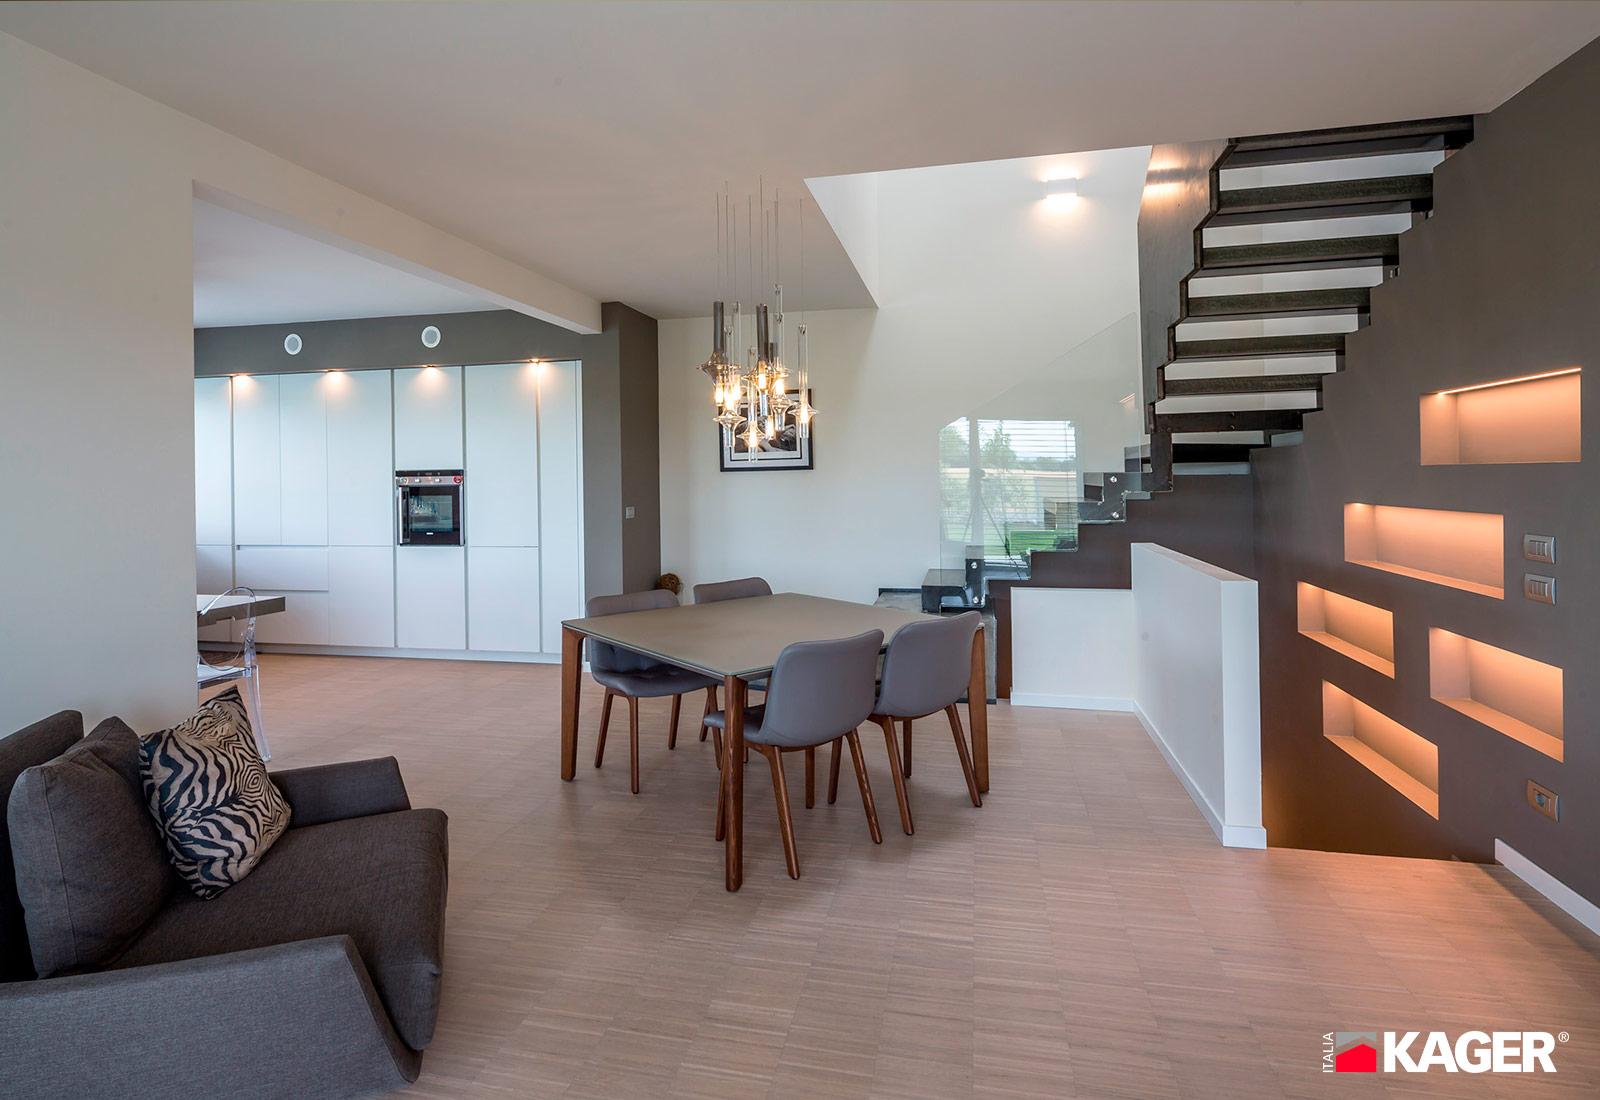 Casa-in-legno-Parma-Kager-Italia-10